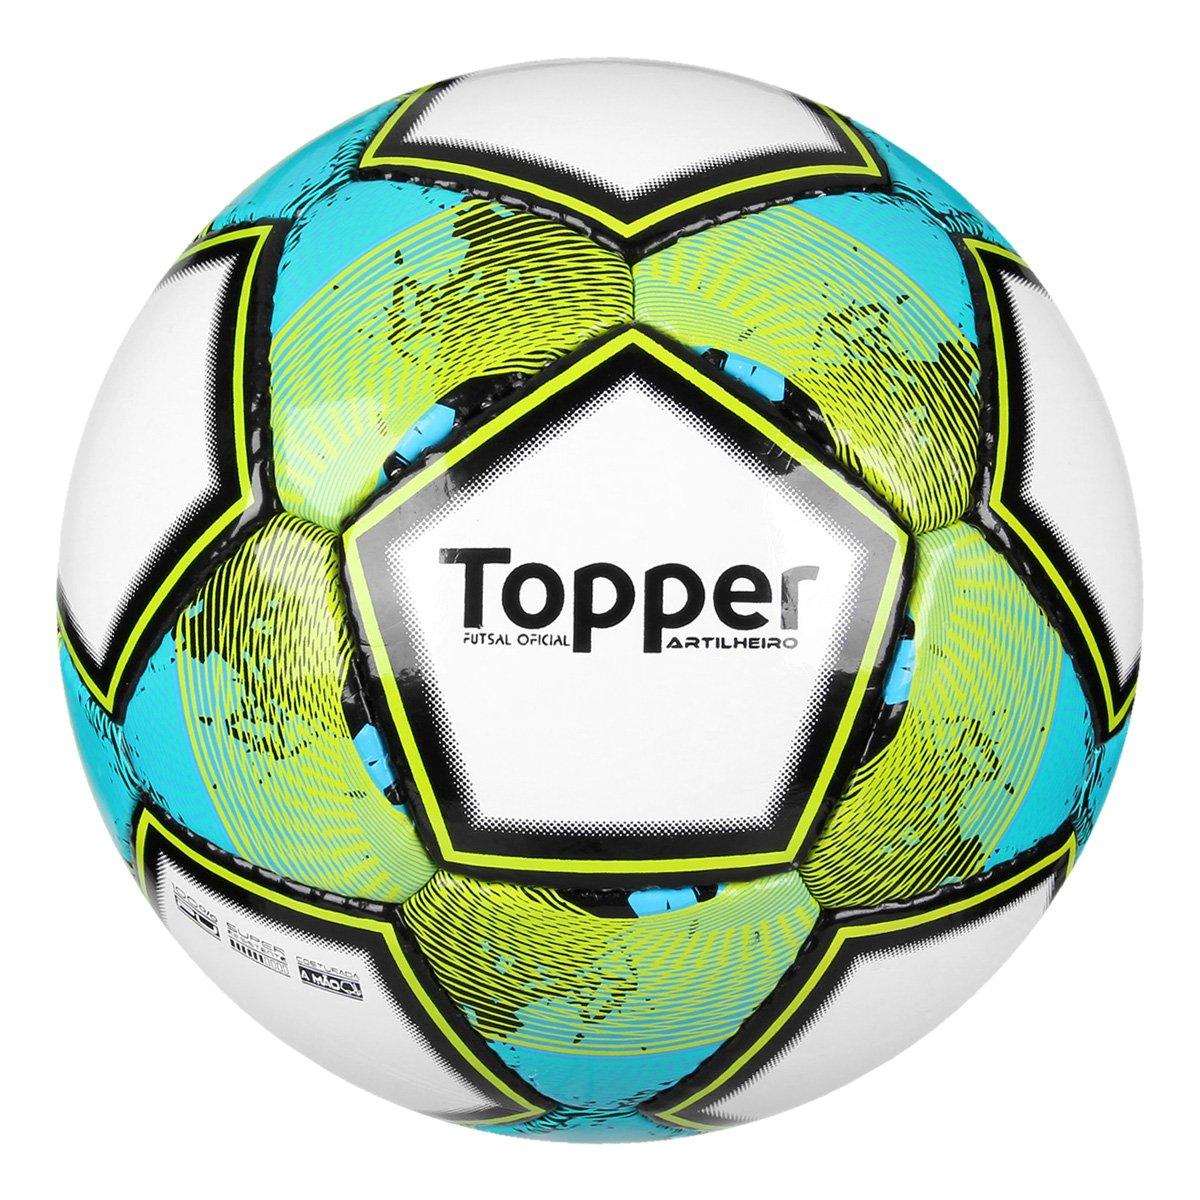 Bola futsal topper artilheiro compre agora netshoes jpg 544x544 Bola  imagens de futebol salao 742444941d2d2